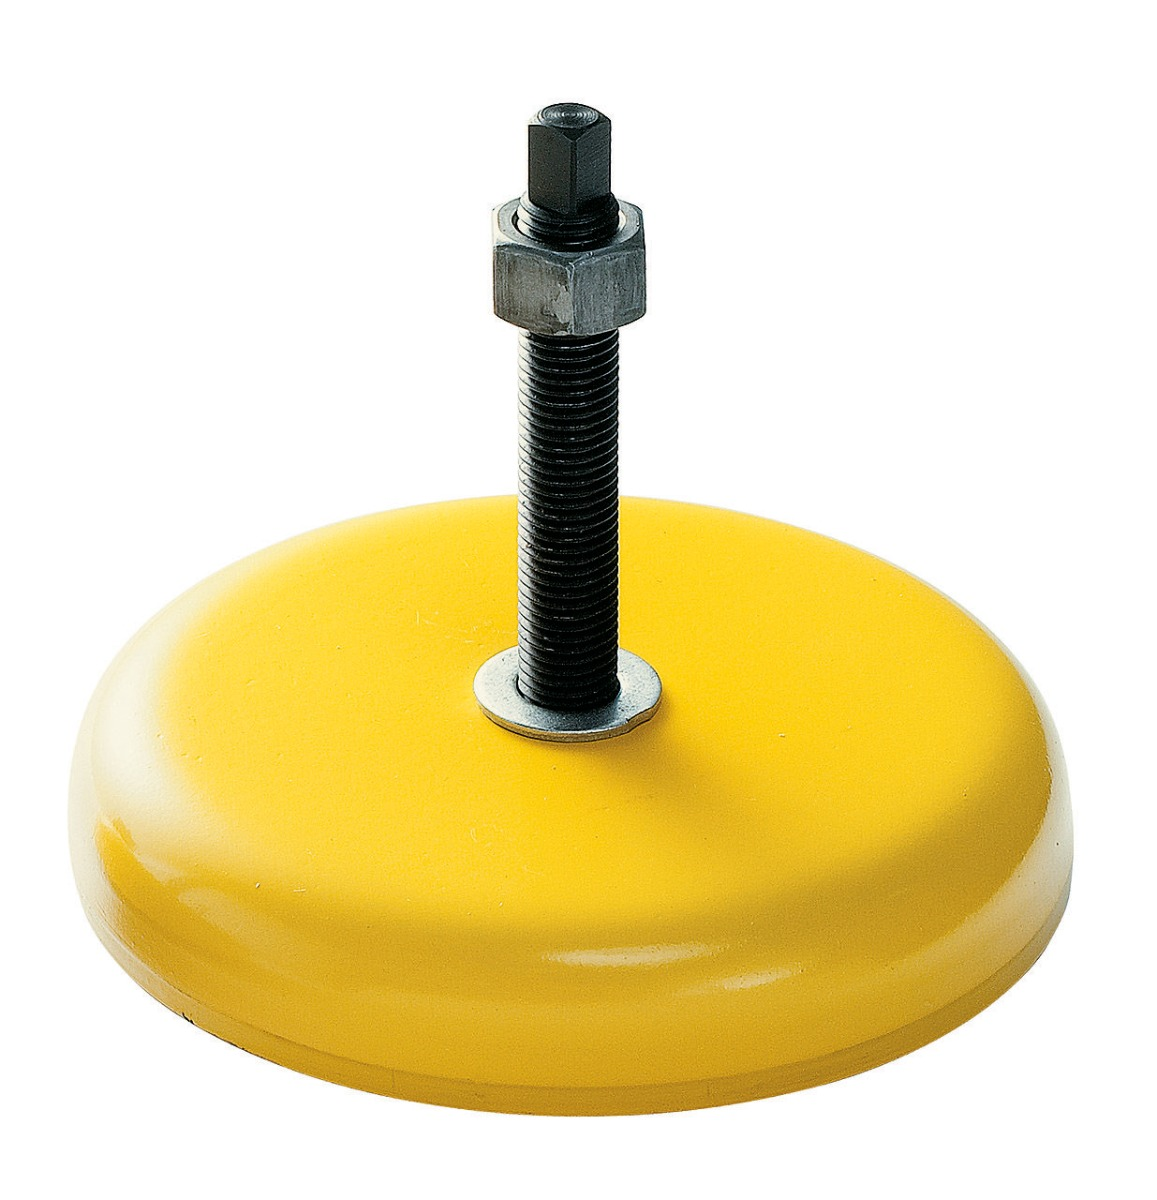 Noga stabilizująca pod maszyny - wibroamortyzator - stabilizator NE 160 BERNARDO